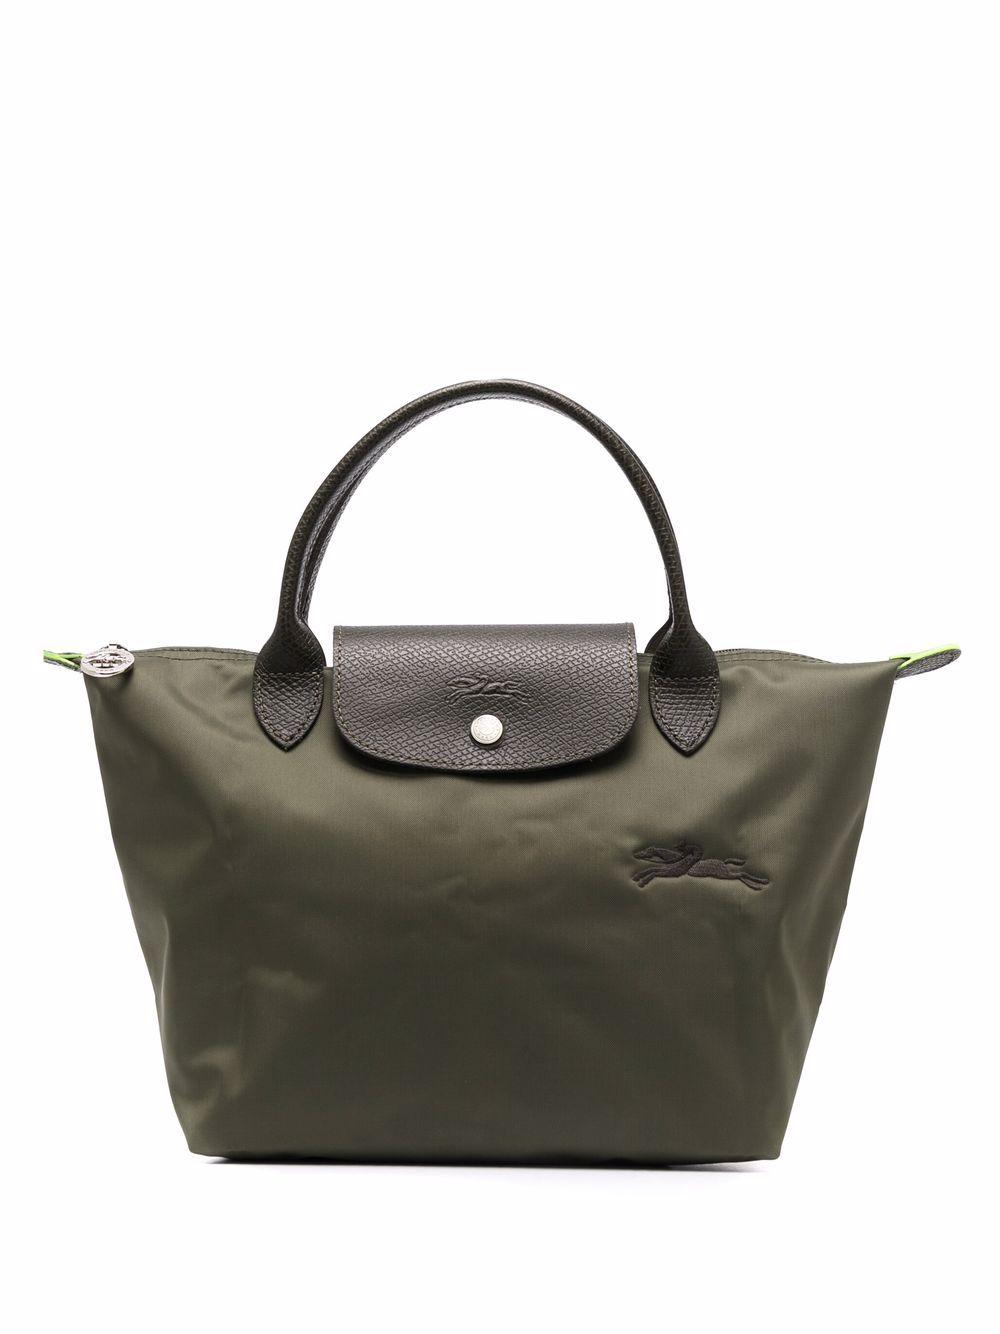 Longchamp Le Pliage Handtasche - Grün